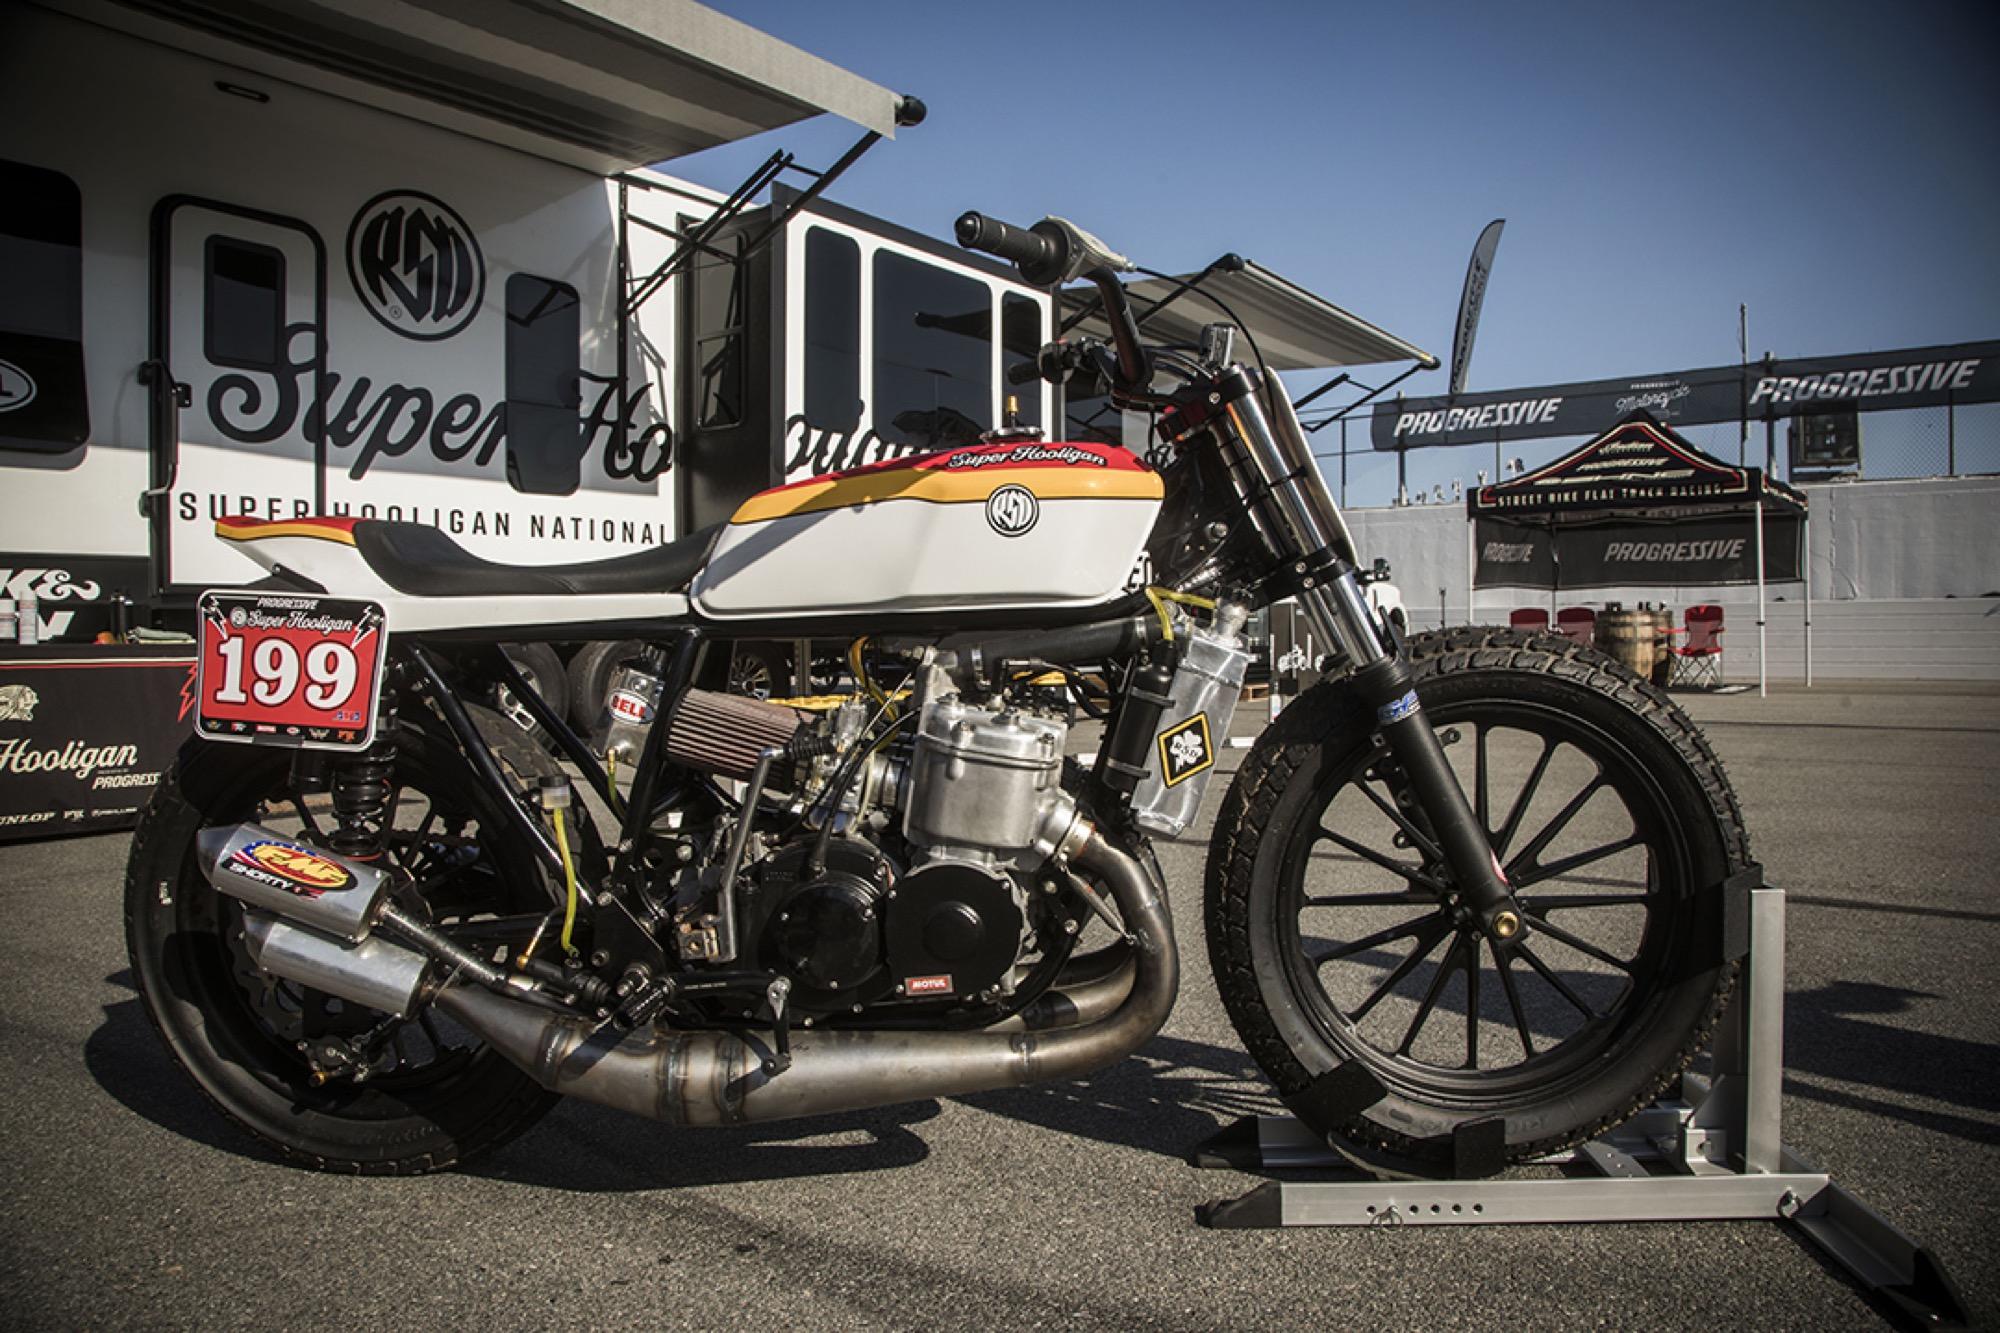 Una bestia de 750cc 2 Tiempos, así es la salvaje flat tracker de Travis Pastrana